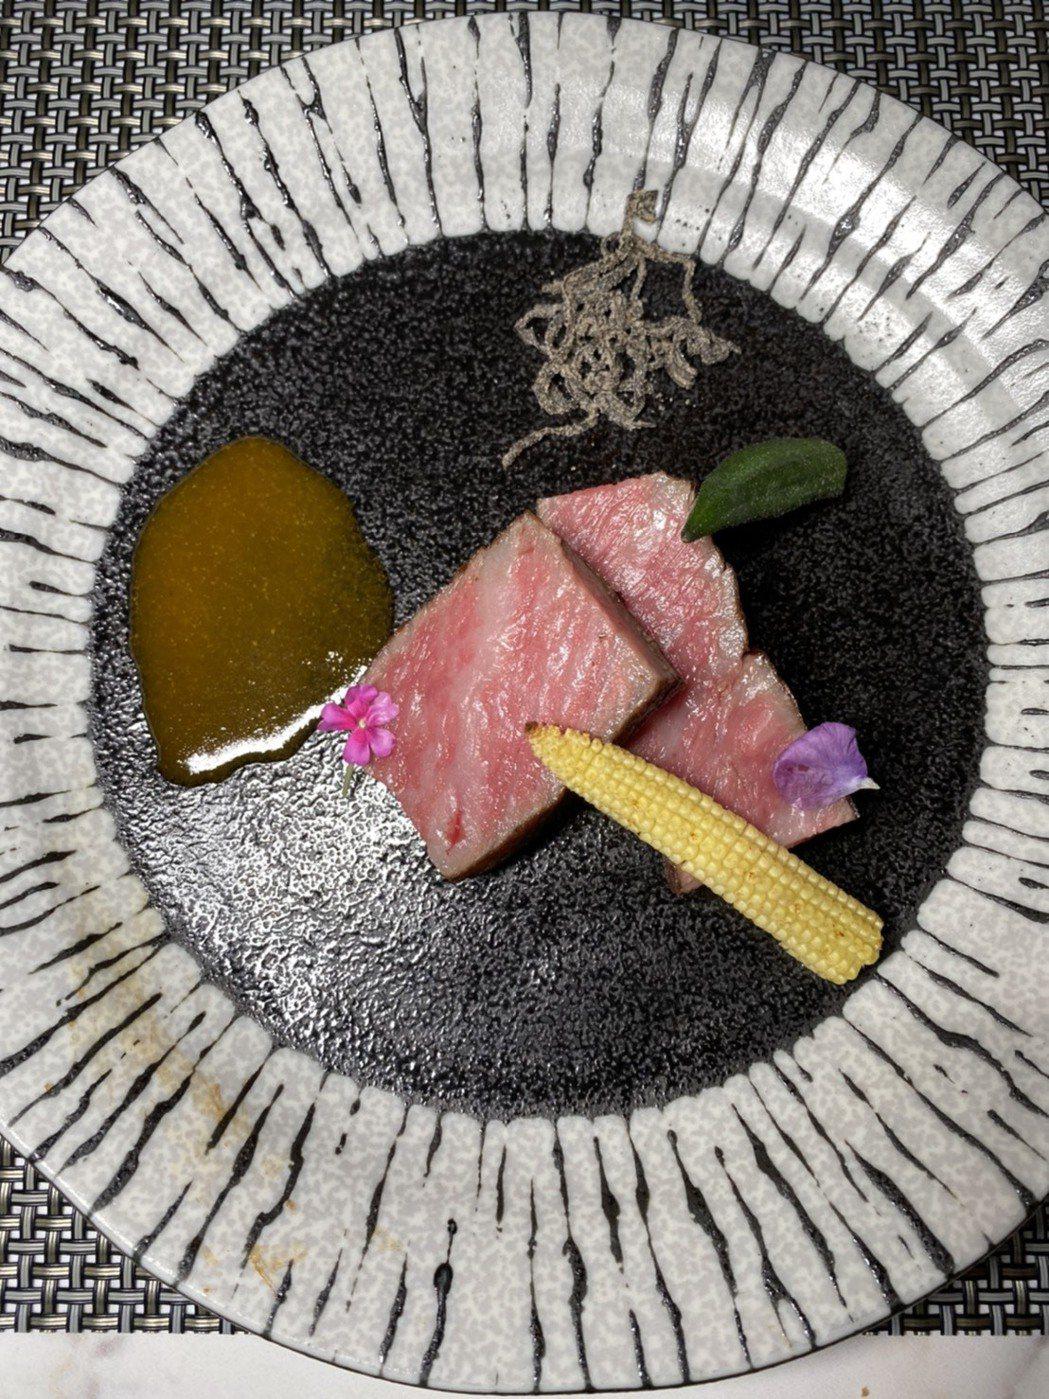 「WeClassic唯典客」座上嘉賓,愛吃牛肉的消費者,都可以品嘗到5盎司左右A...